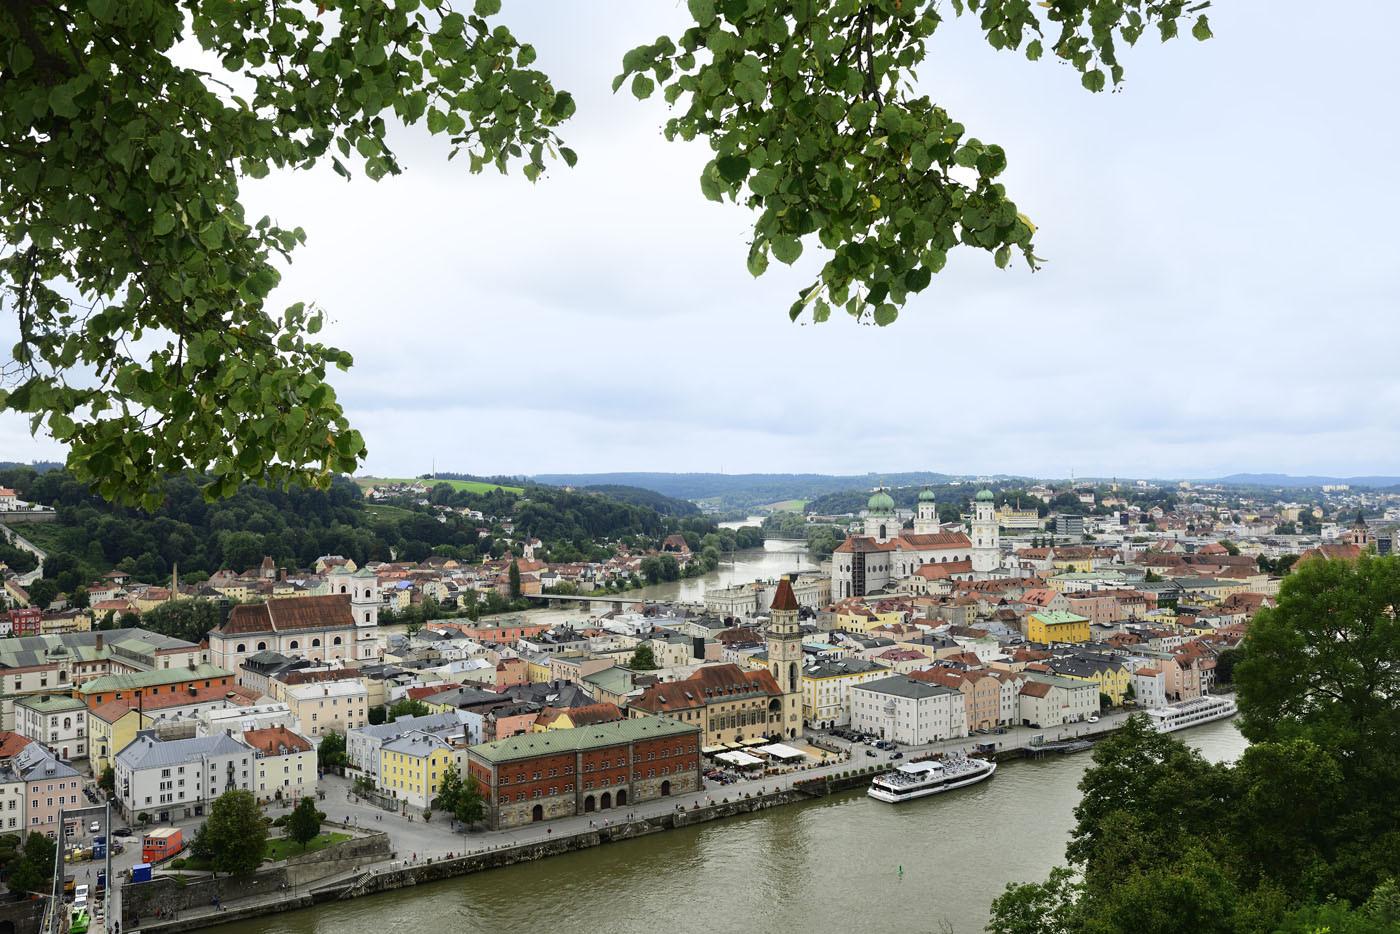 Die Anlegestellen für Ausflugsschiffe liegen in Passau an der Fritz-Schäffer-Promenade